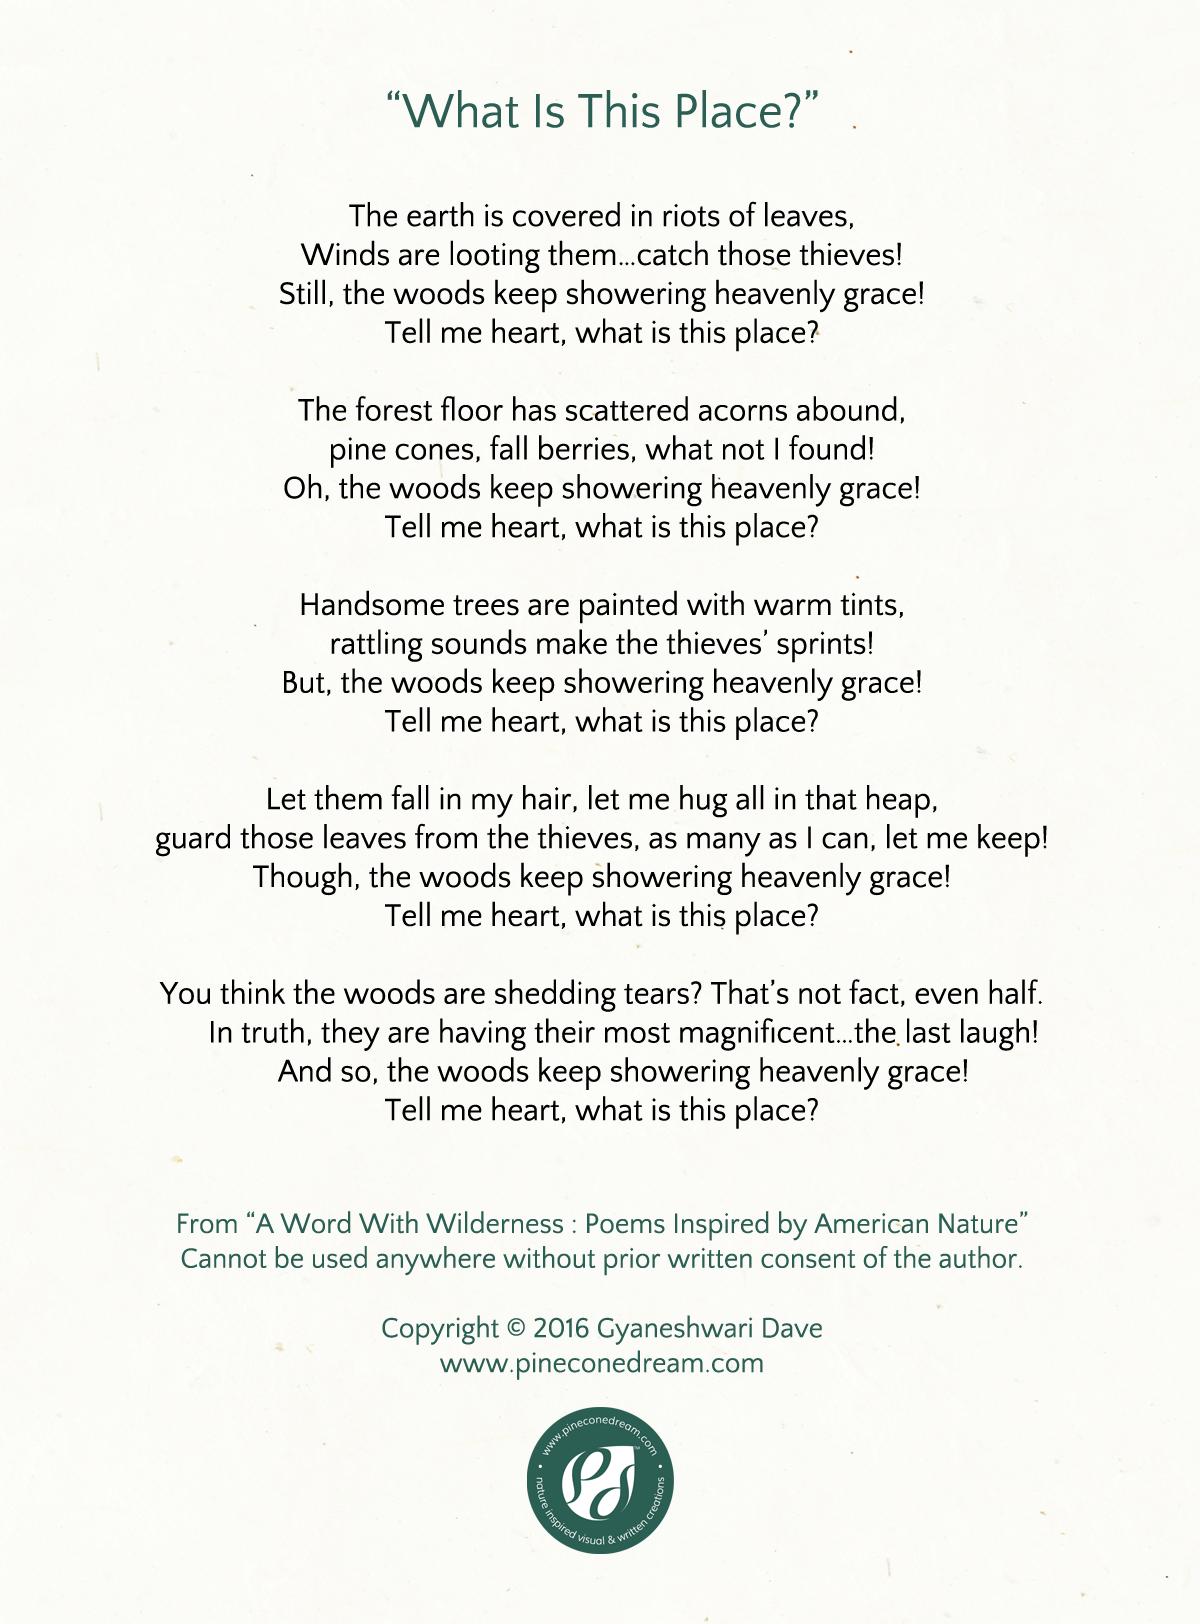 GyaneshwariDave_Poetry_WhatIsThisPlace